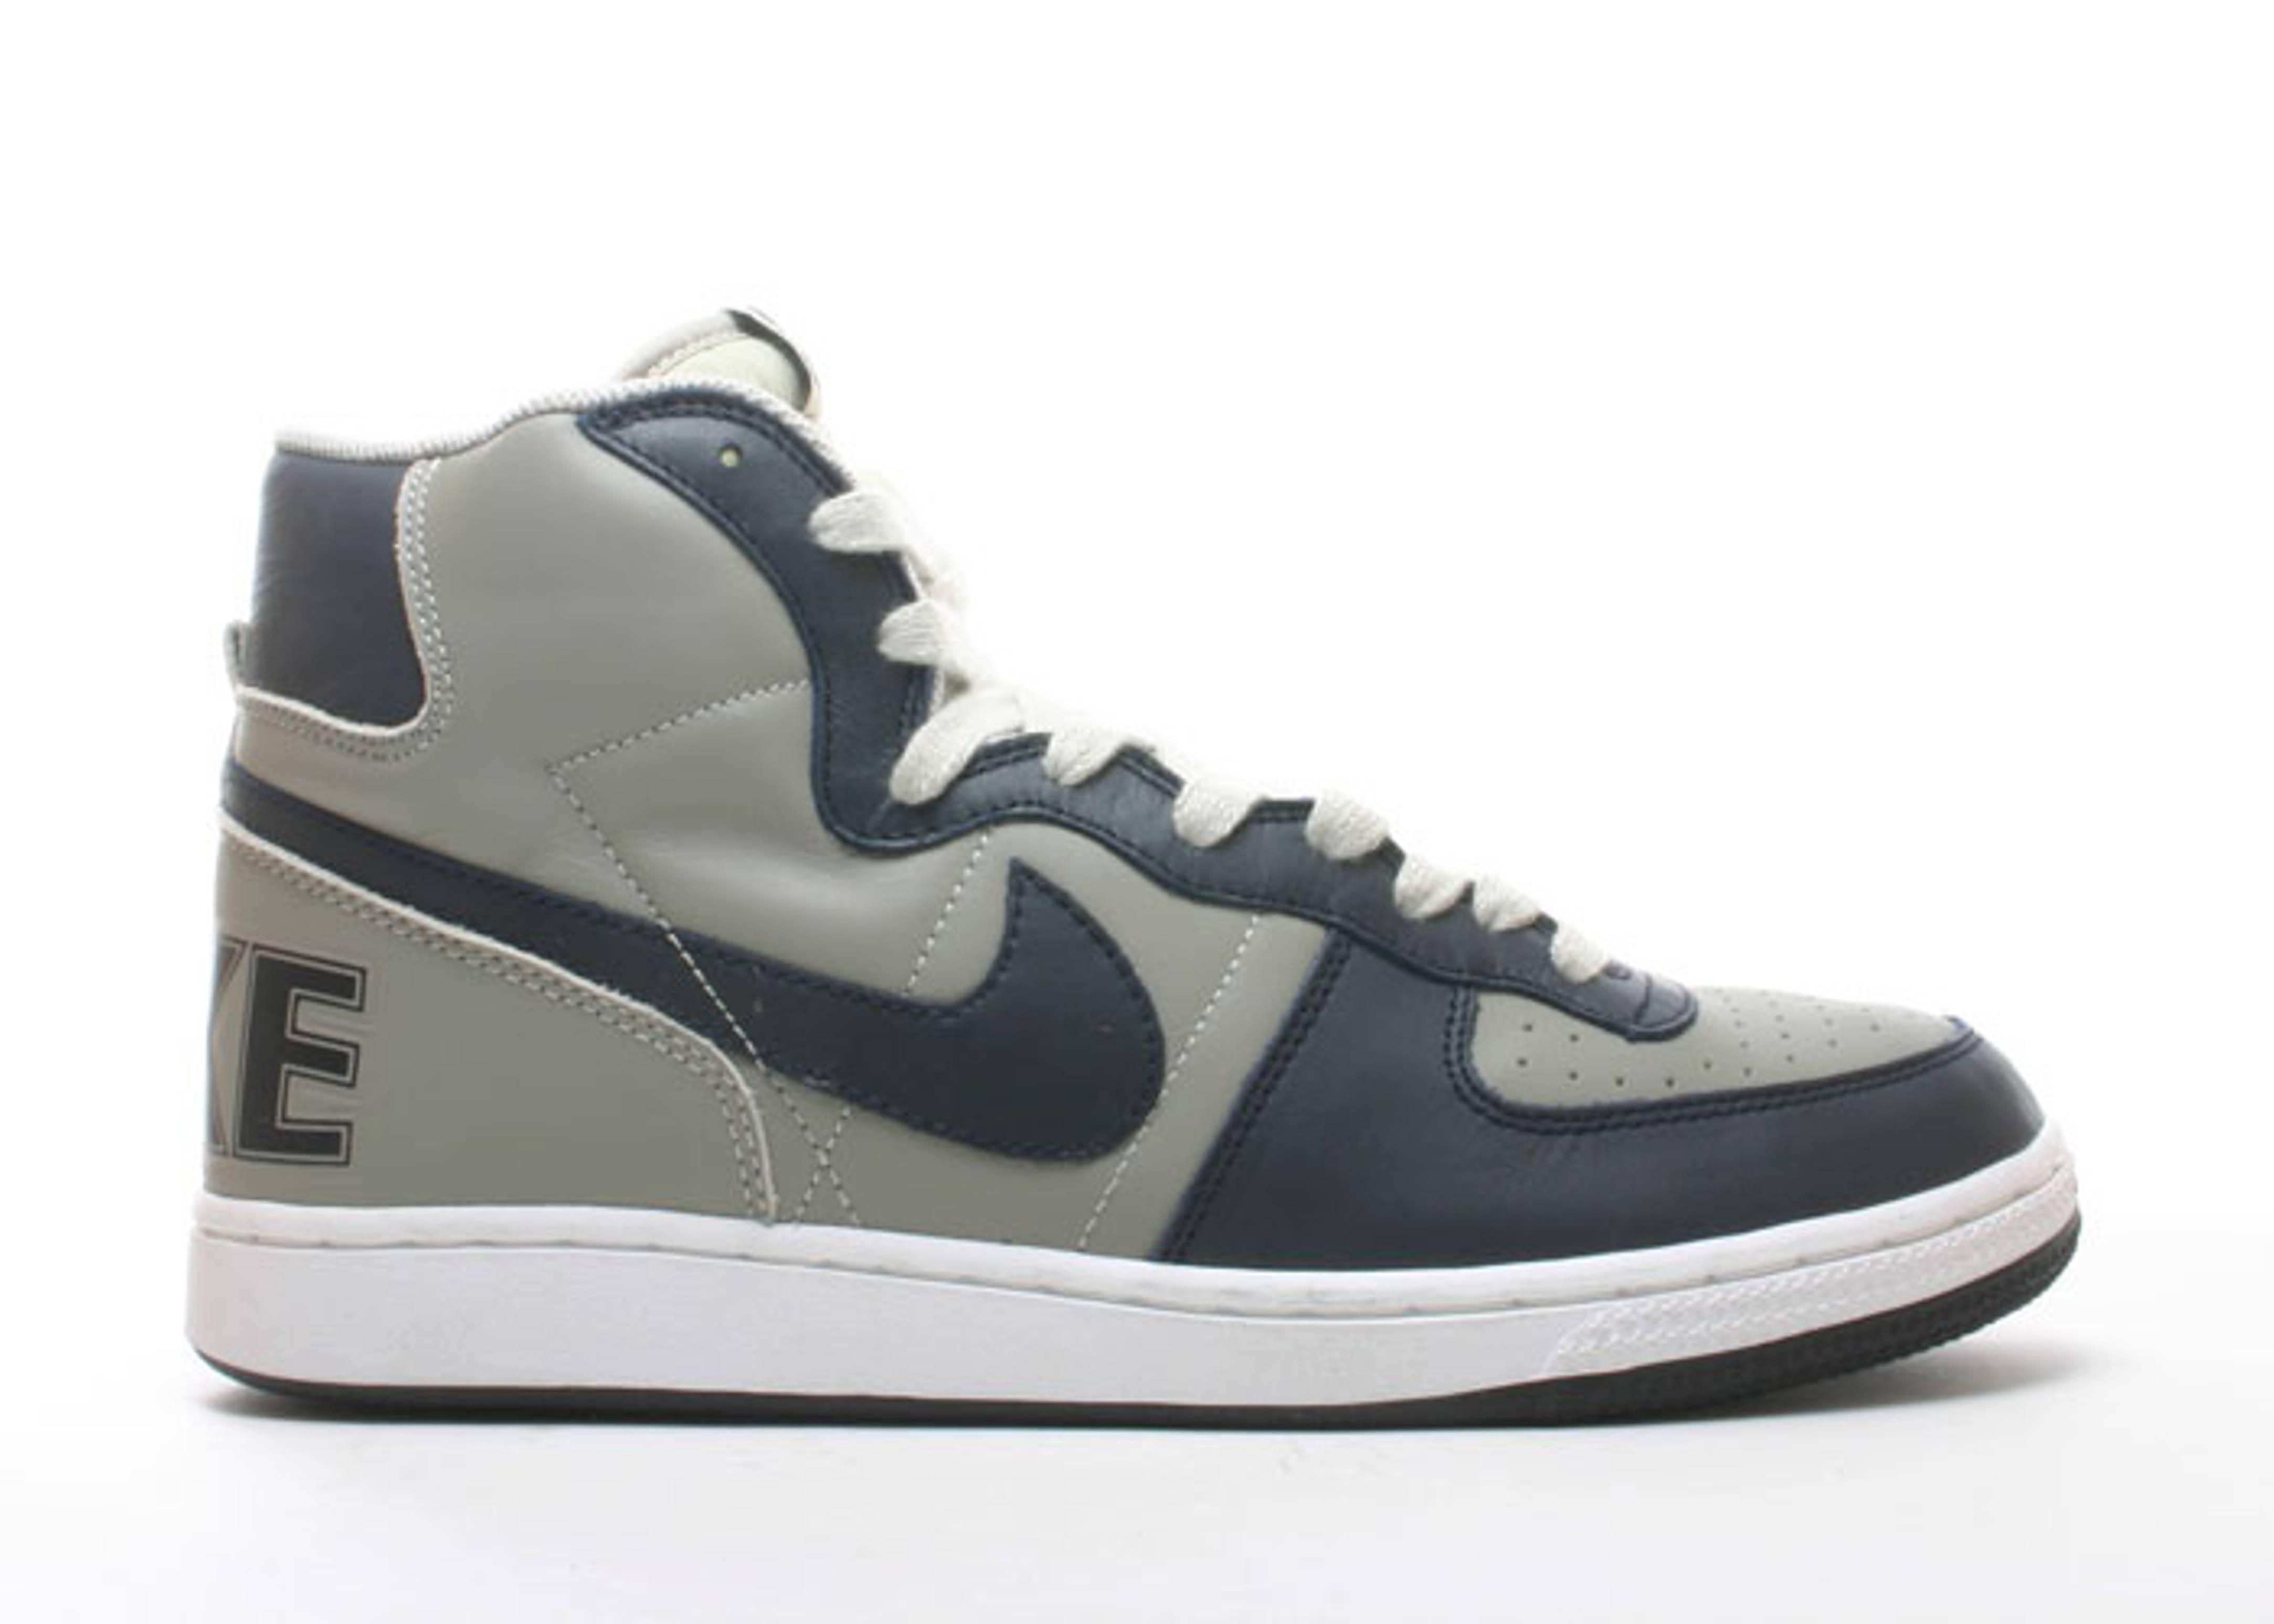 179490d48b Terminator Hi - Nike - 307147 041 - college grey/obsidian | Flight Club